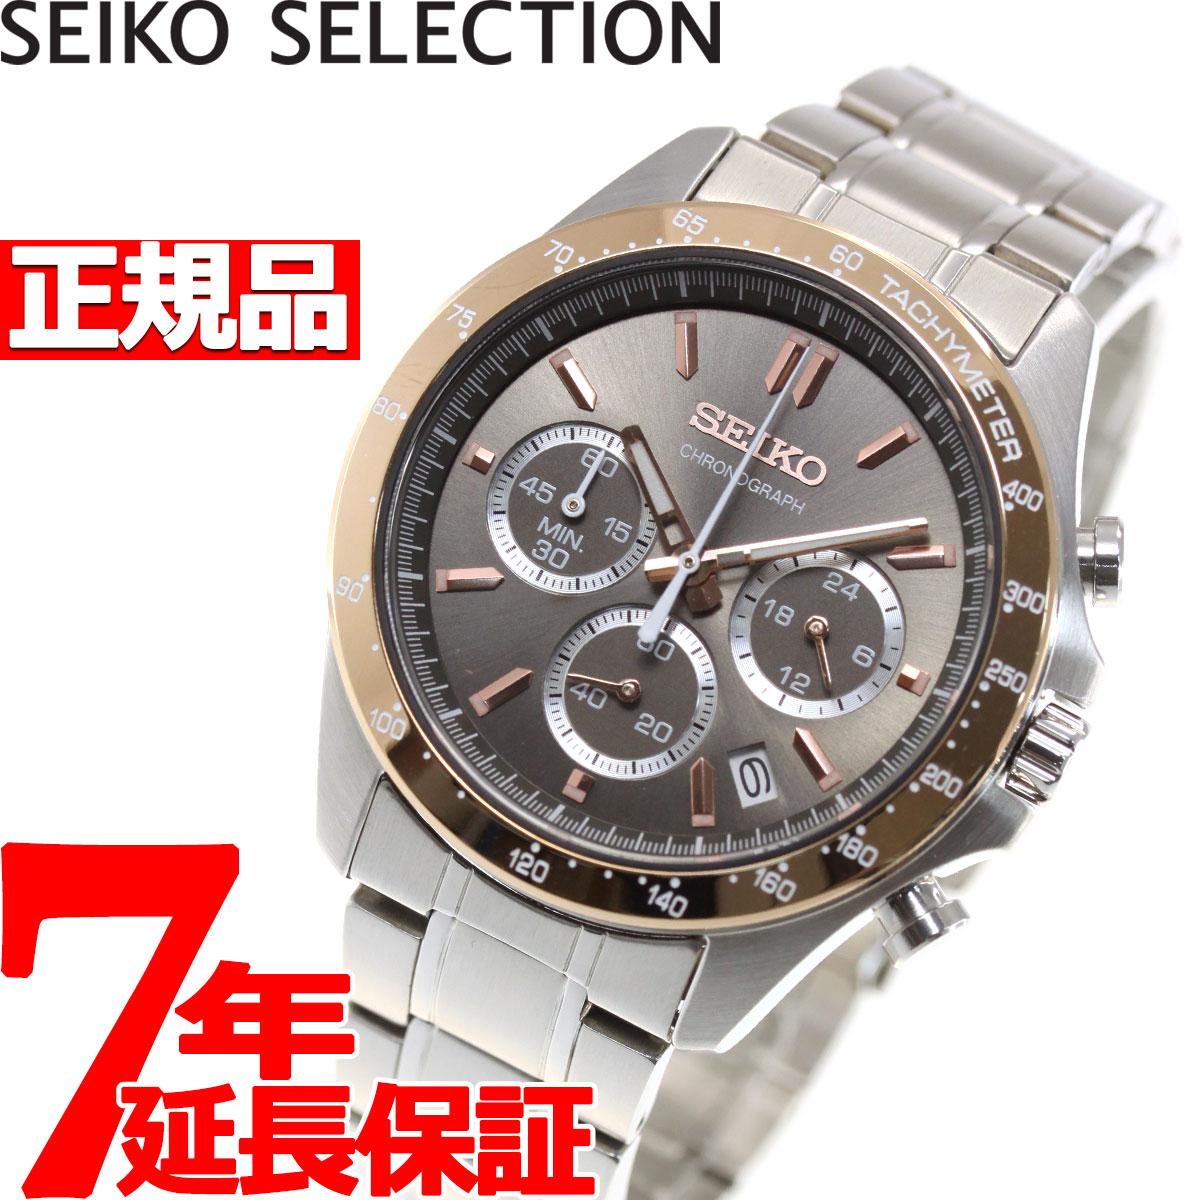 【5日0時~♪2000円OFFクーポン&店内ポイント最大51倍!5日23時59分まで】セイコー セレクション SEIKO SELECTION 腕時計 メンズ クロノグラフ SBTR026